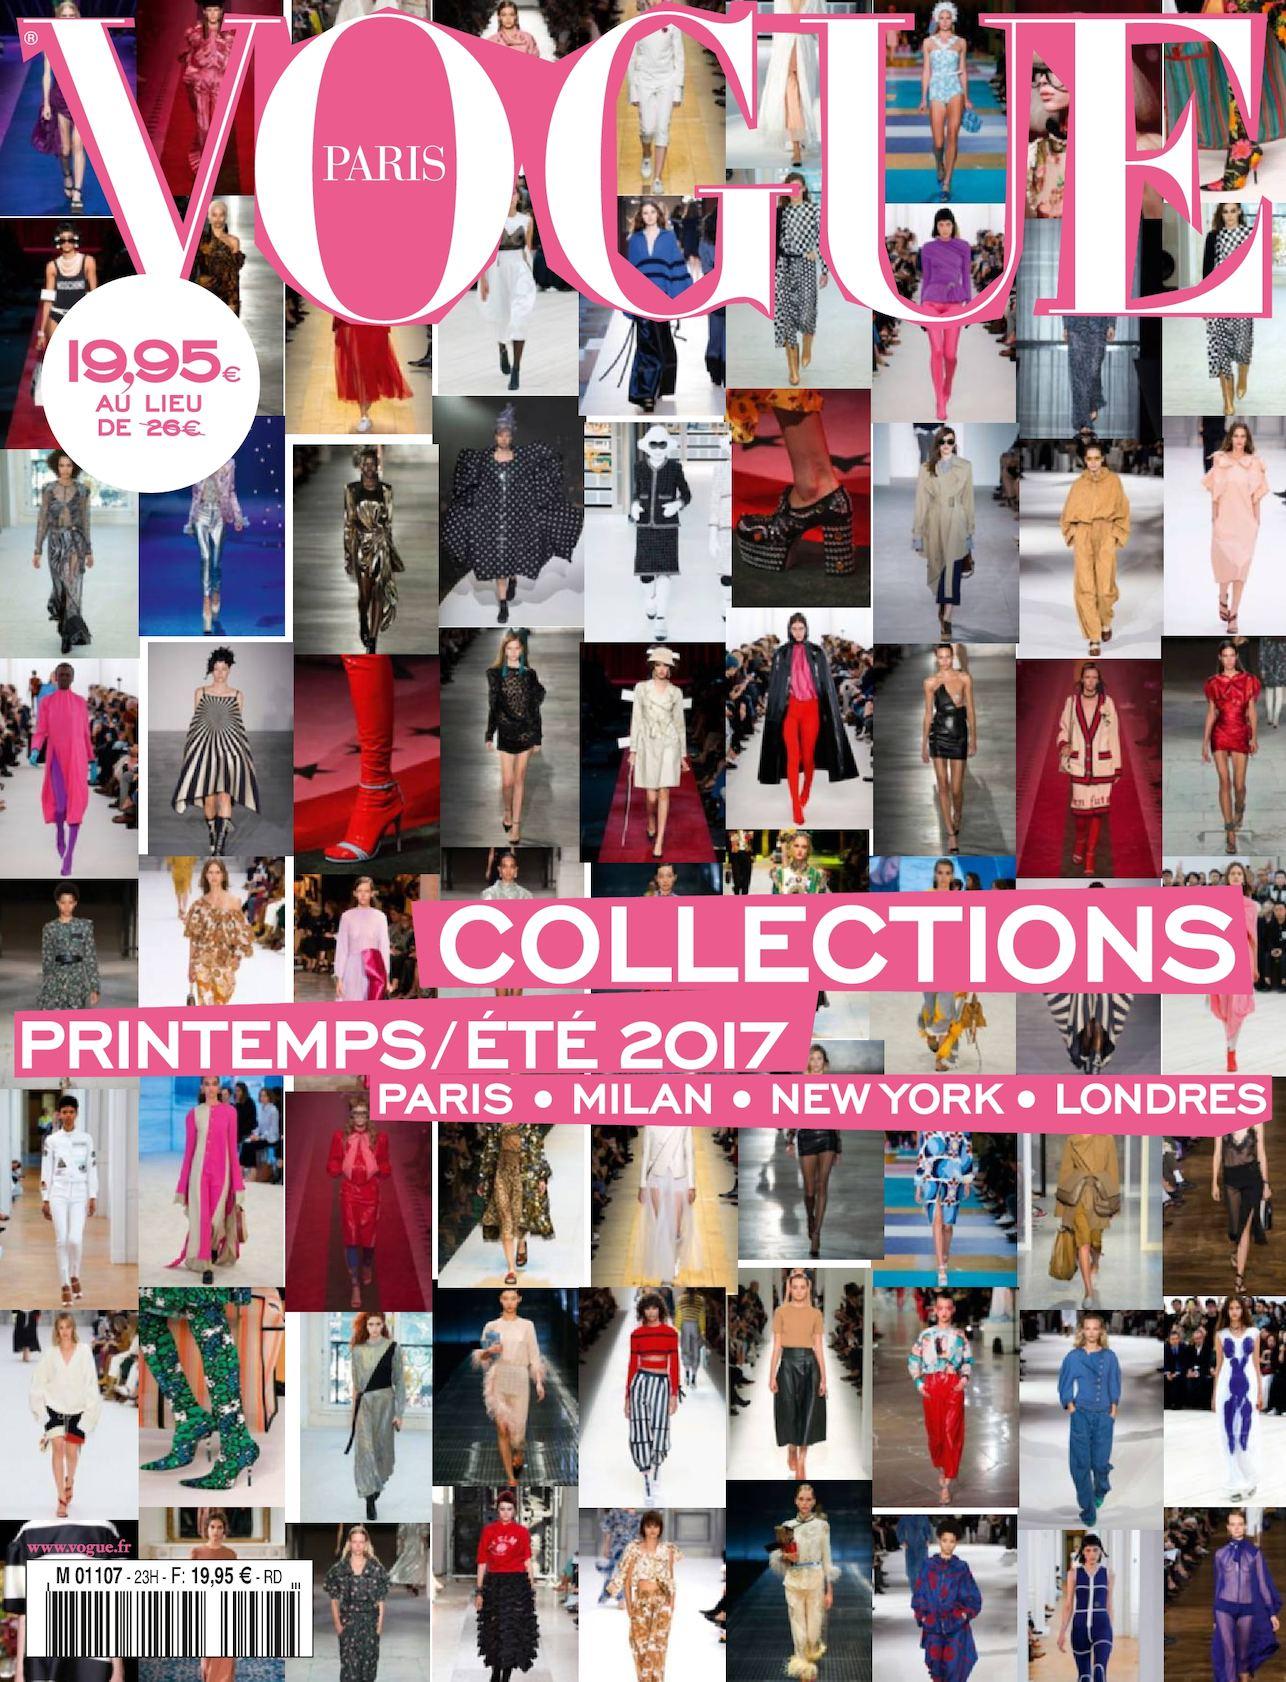 MMS - Vogue Paris Ccollection Printemps été 2017